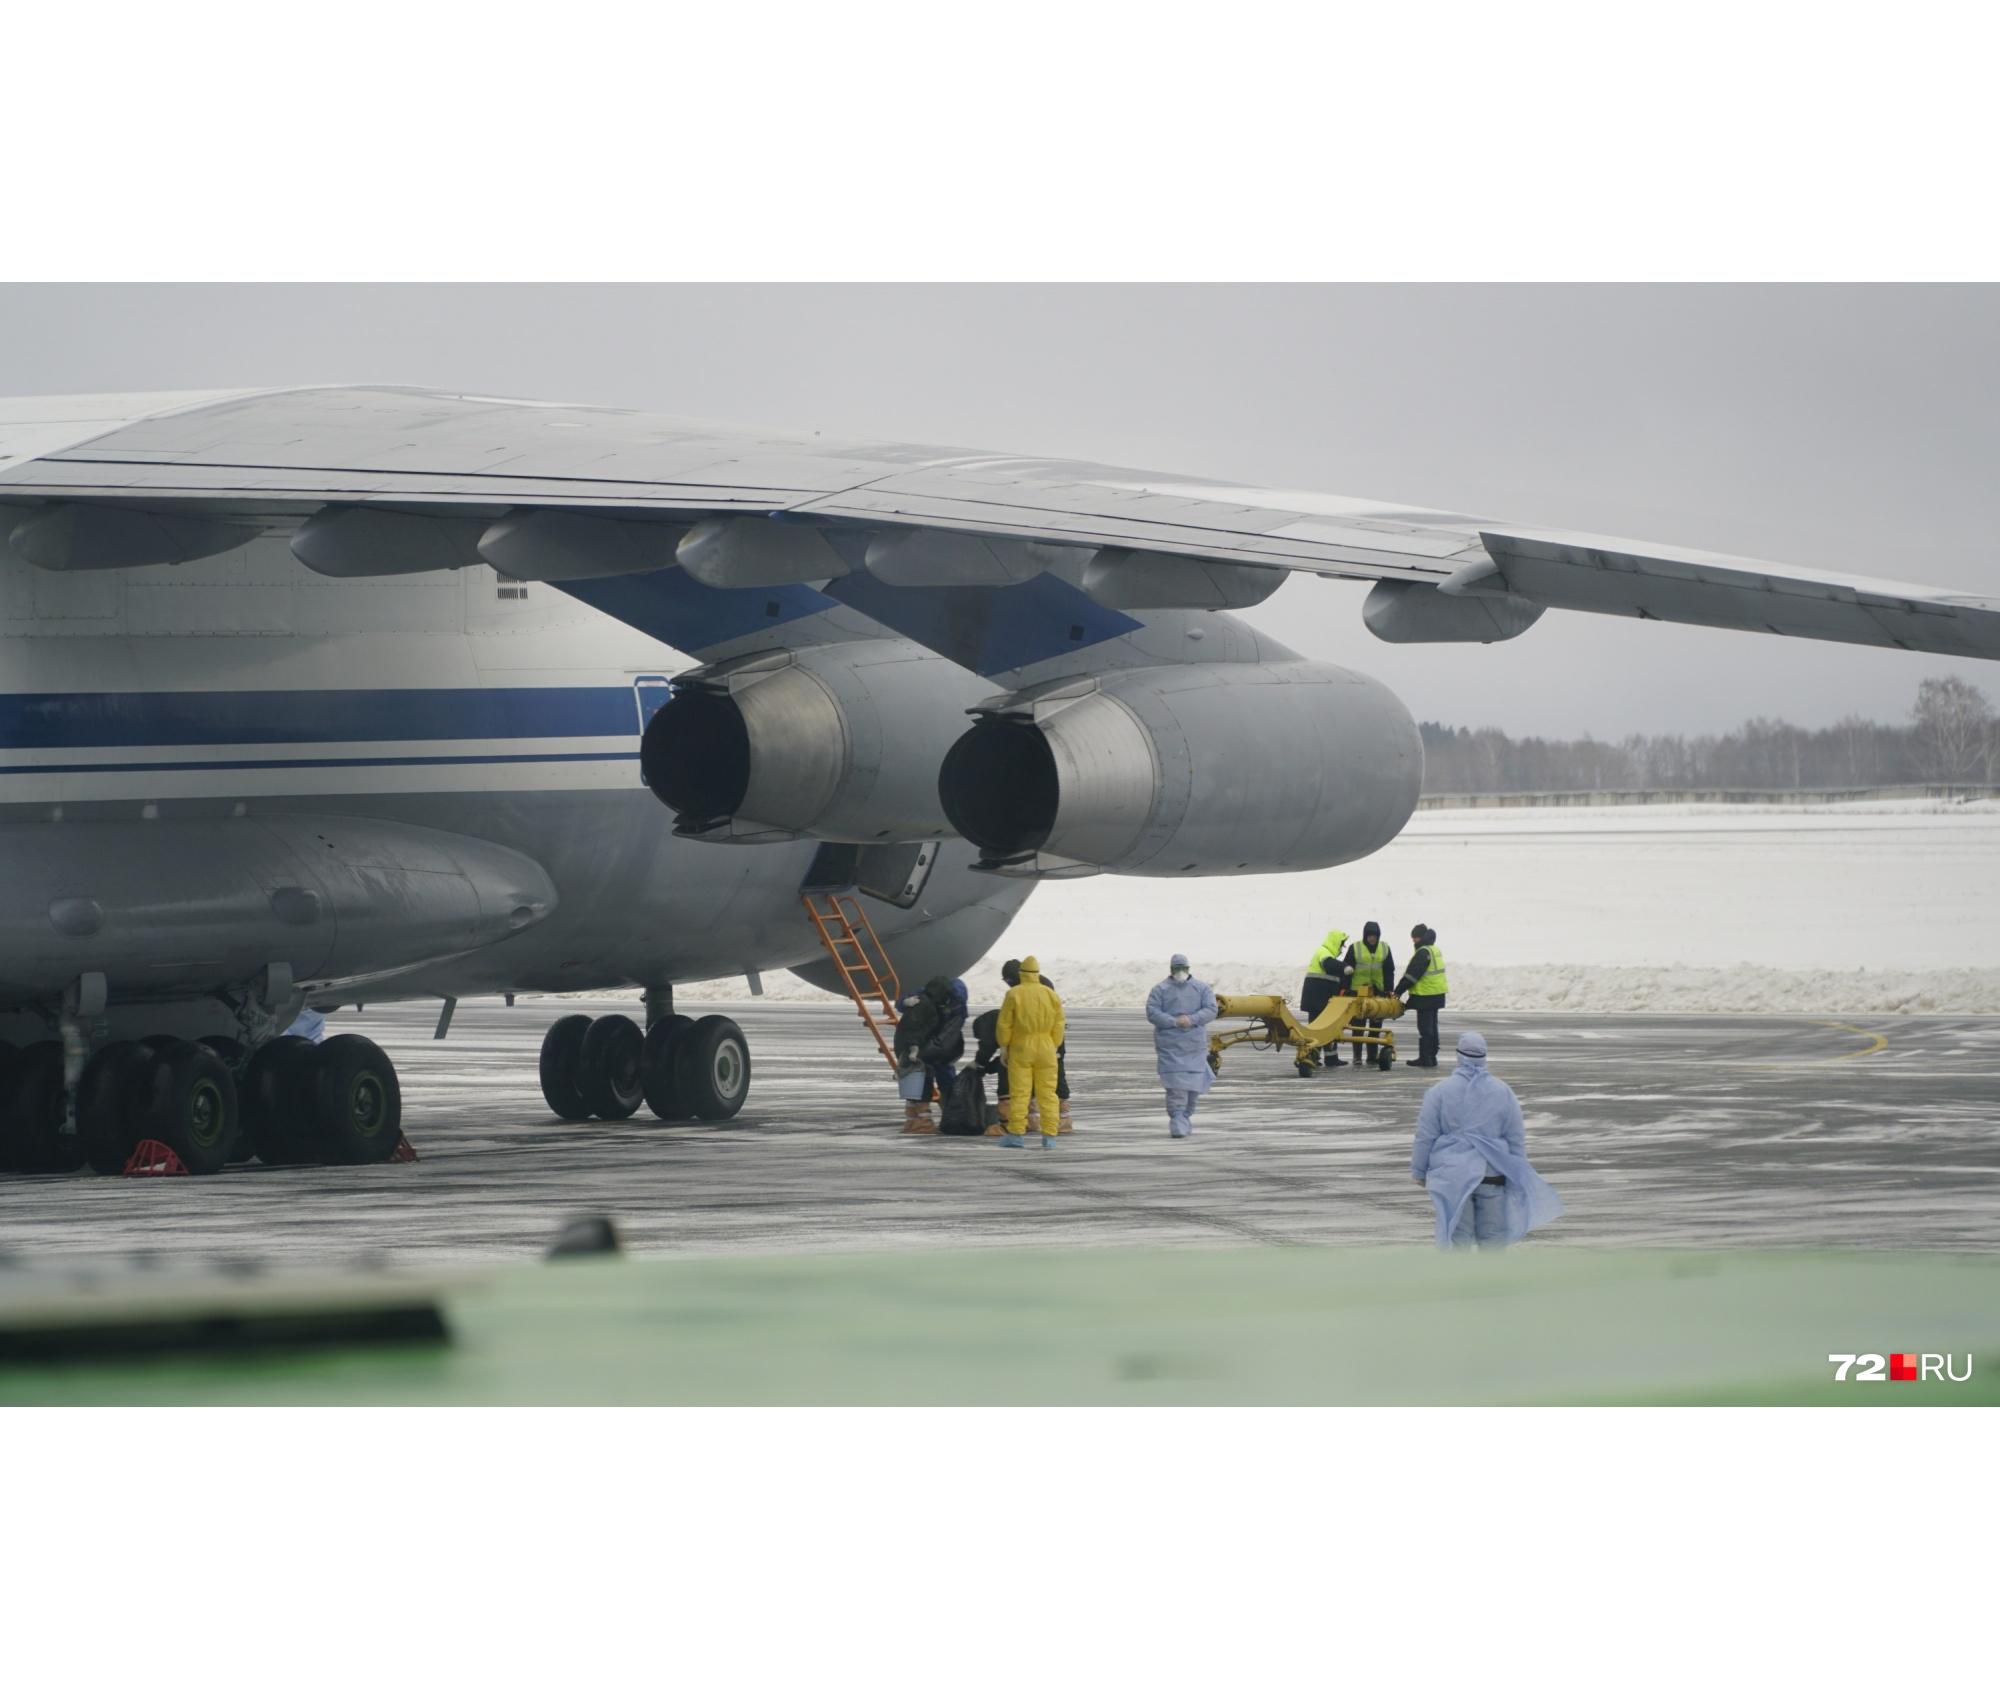 Более часа прибывшие находились в самолёте, прежде чем их пустили в автобусы